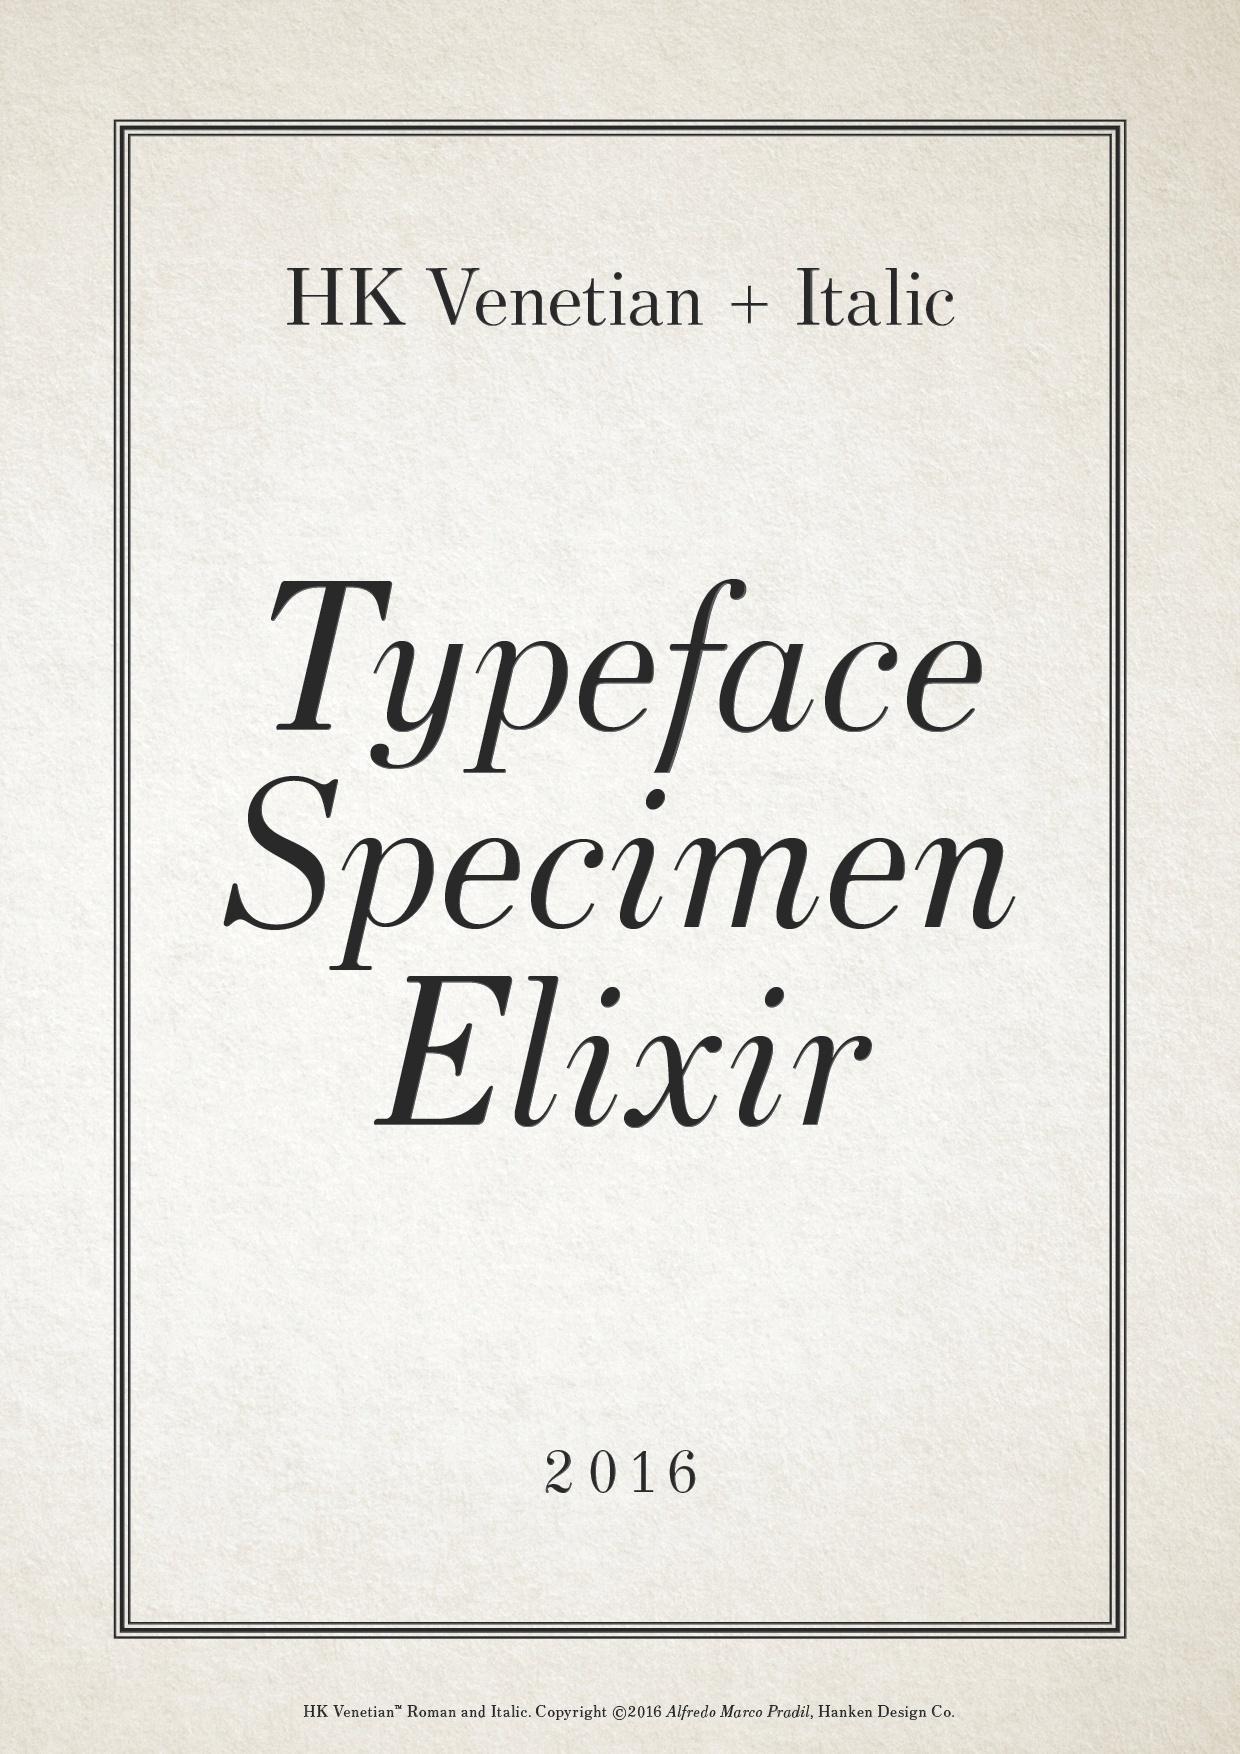 HK Venetian Typeface